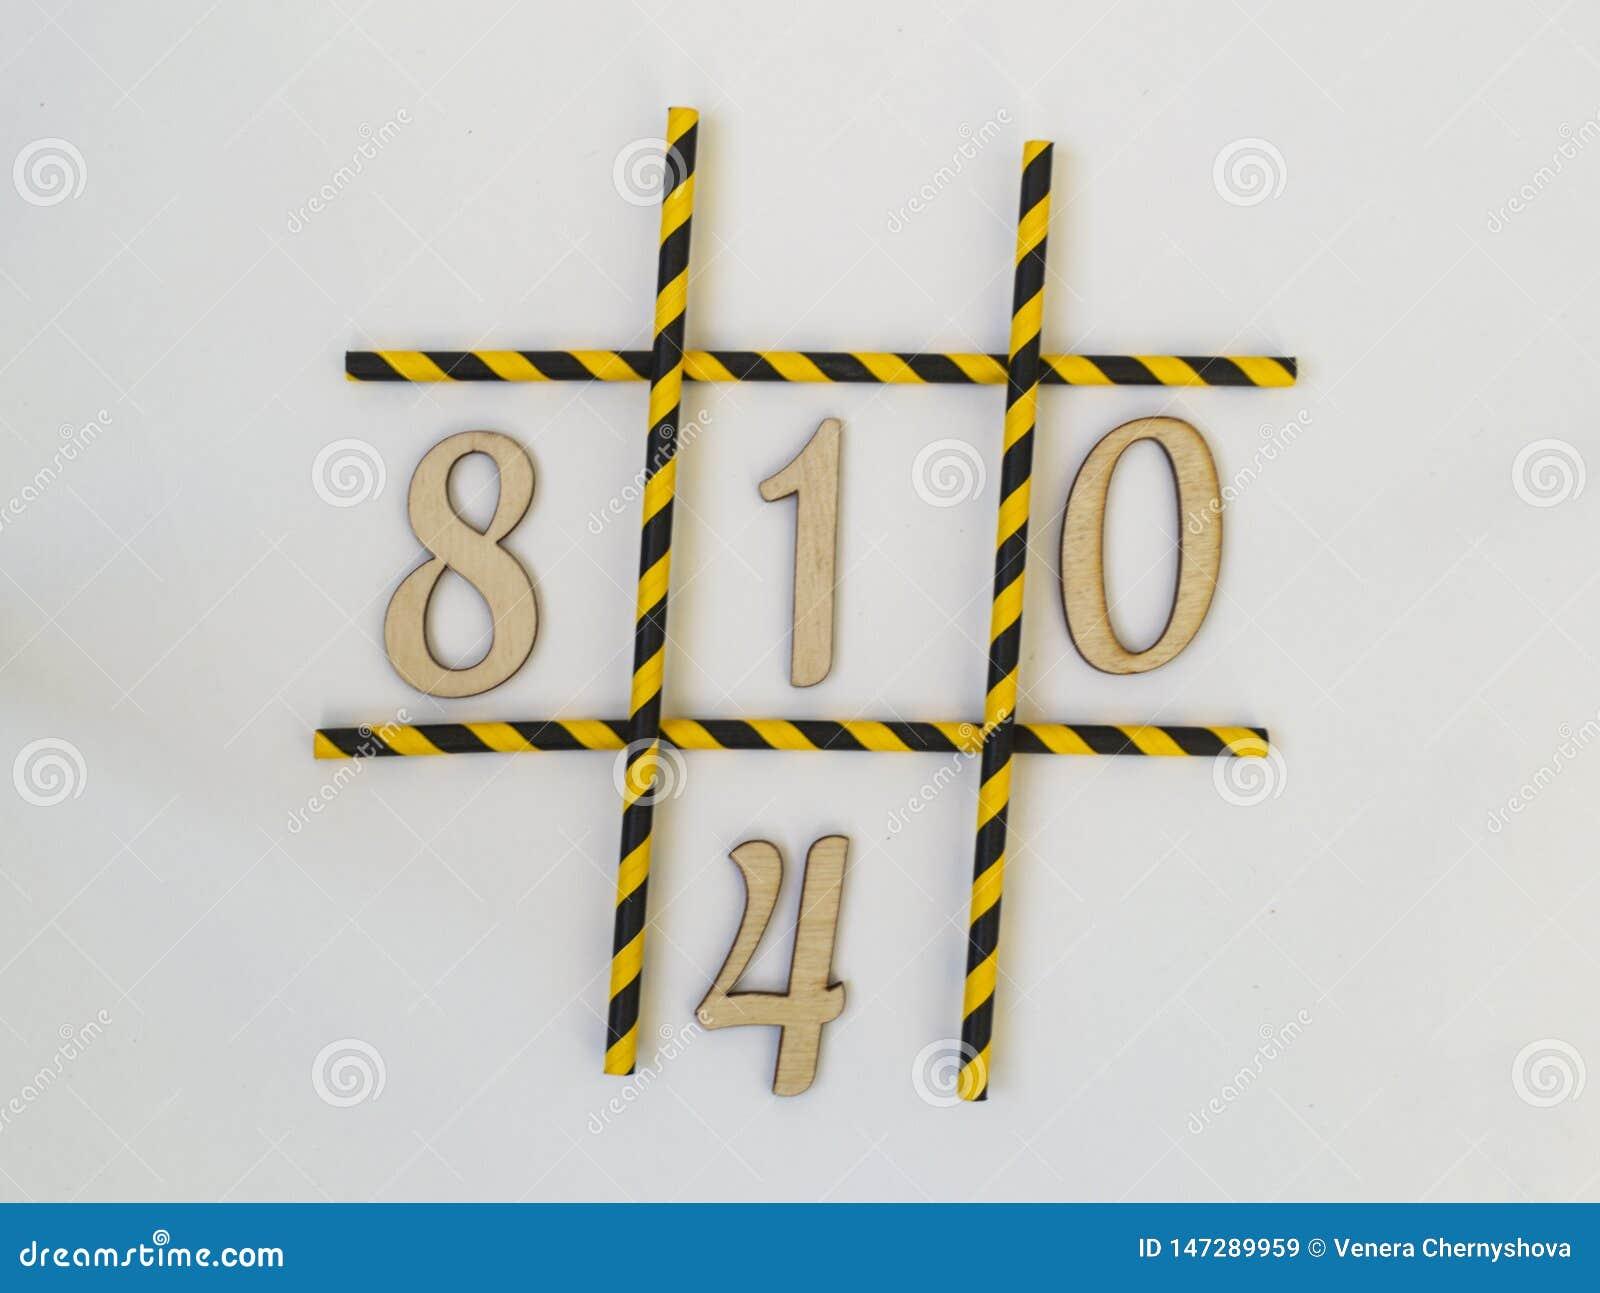 Numren noll, en, fyra, lögn åtta i leken av muskelryckning-TAC-tån, i ett raster på en vit bakgrund Rastret består av färgat